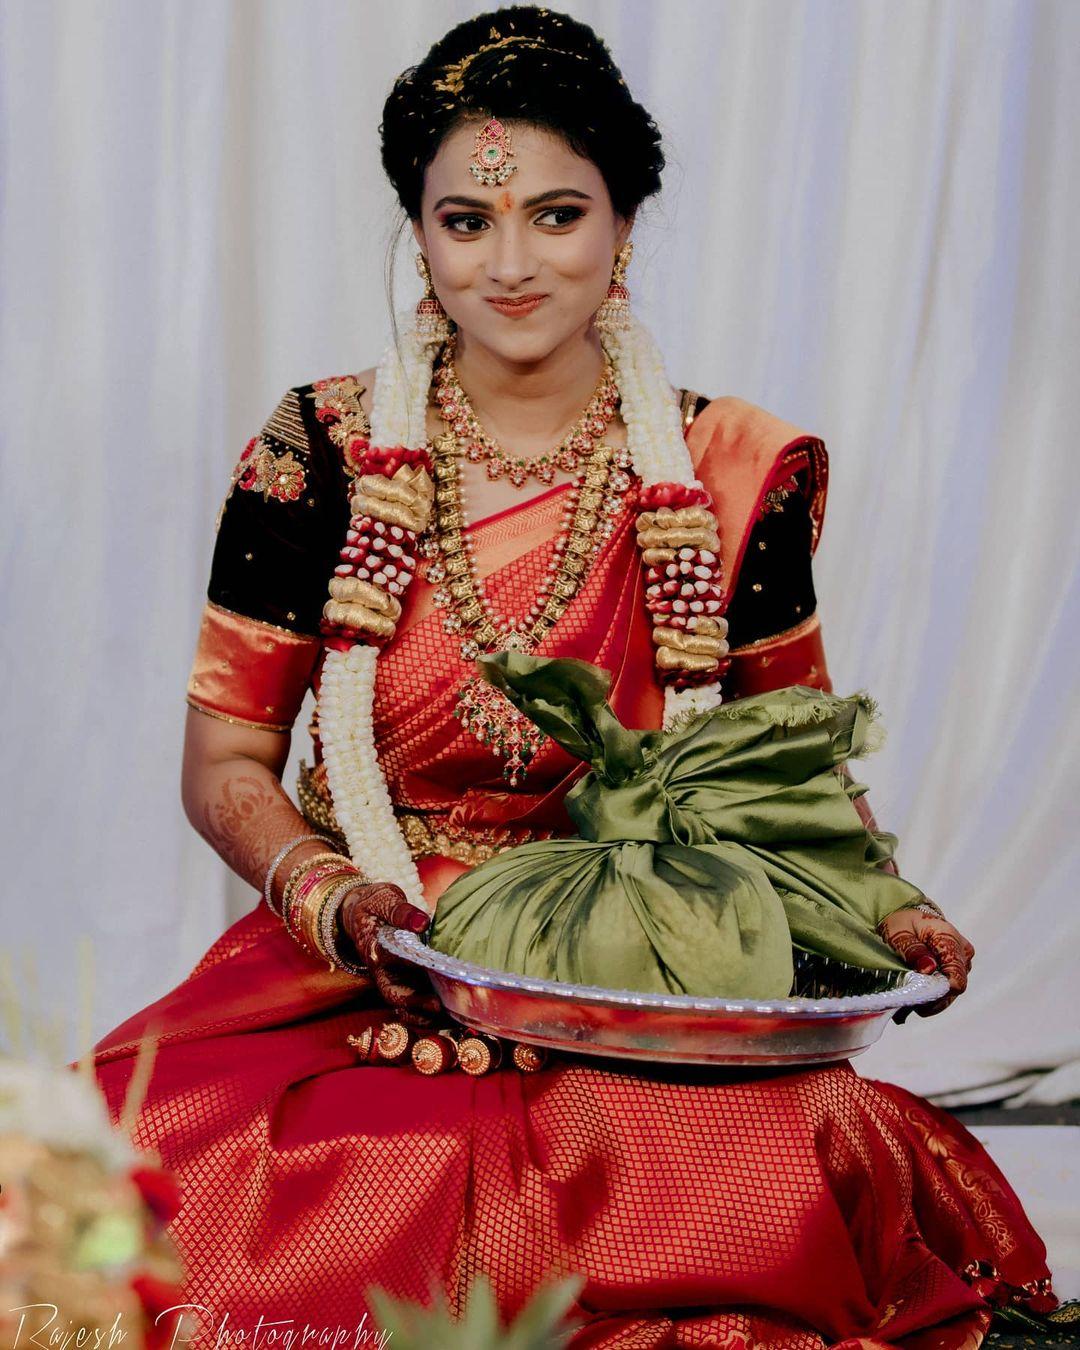 ಚಂದನ್-ಕವಿತಾ ನಿಶ್ಚಿತಾರ್ಥದ ಚಿತ್ರ